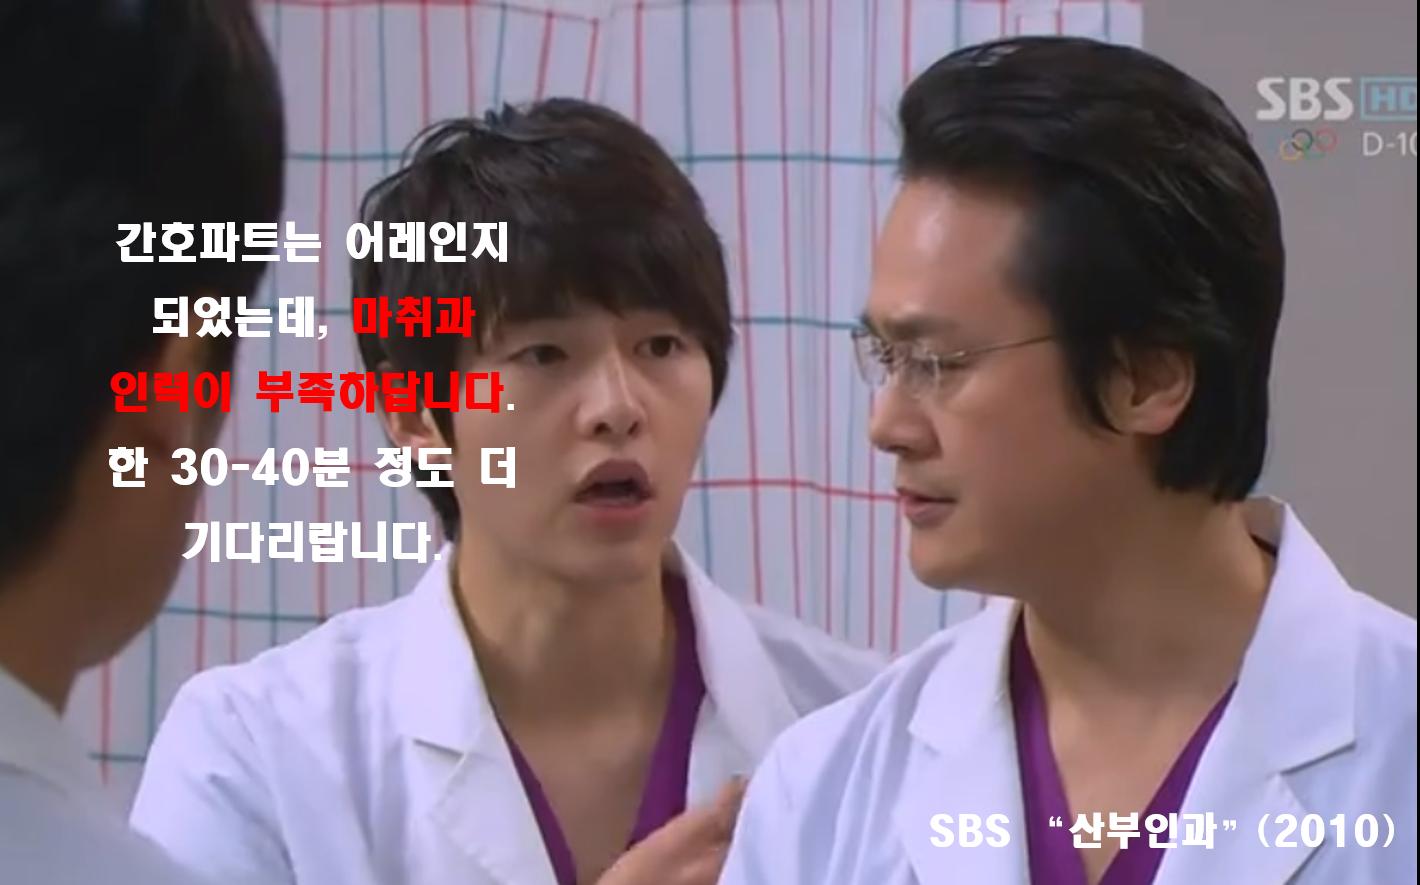 800임신준비-제왕절개-마취과 어레인지.png